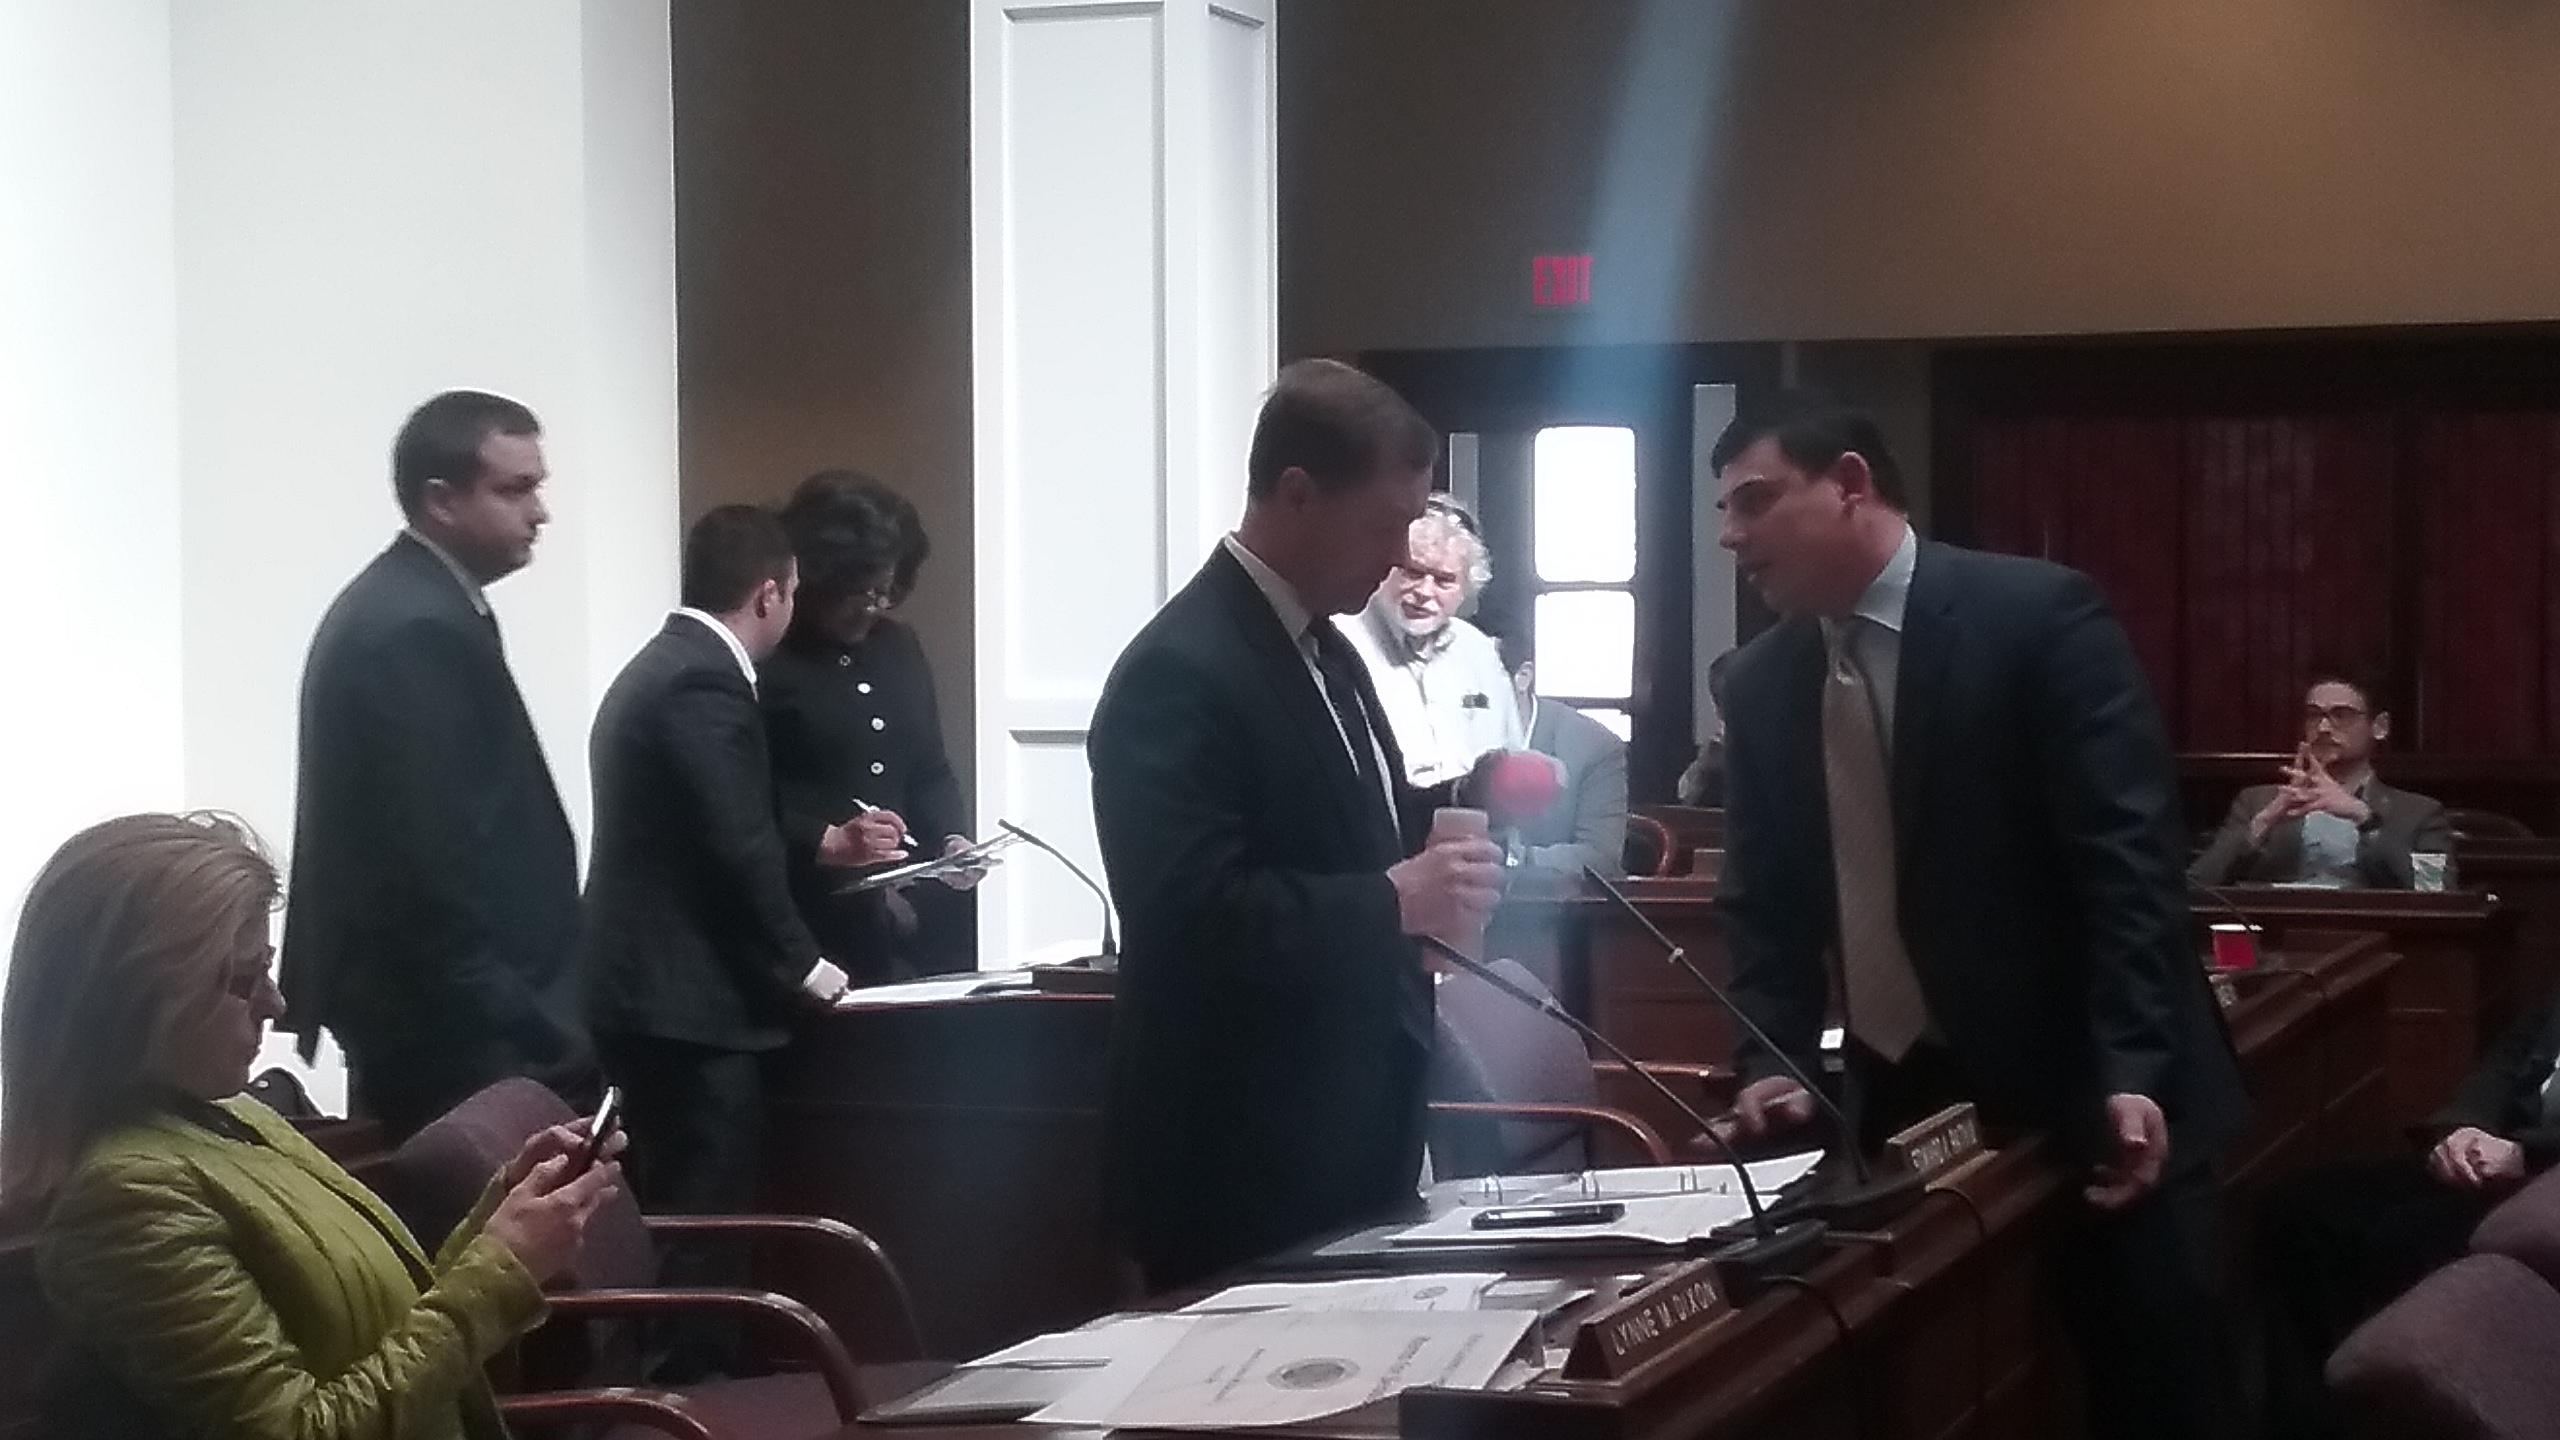 Legislators meet and confer at a recess to discuss amendments to a borrowing deal for ECMC. (Sandra Tan/Buffalo News)